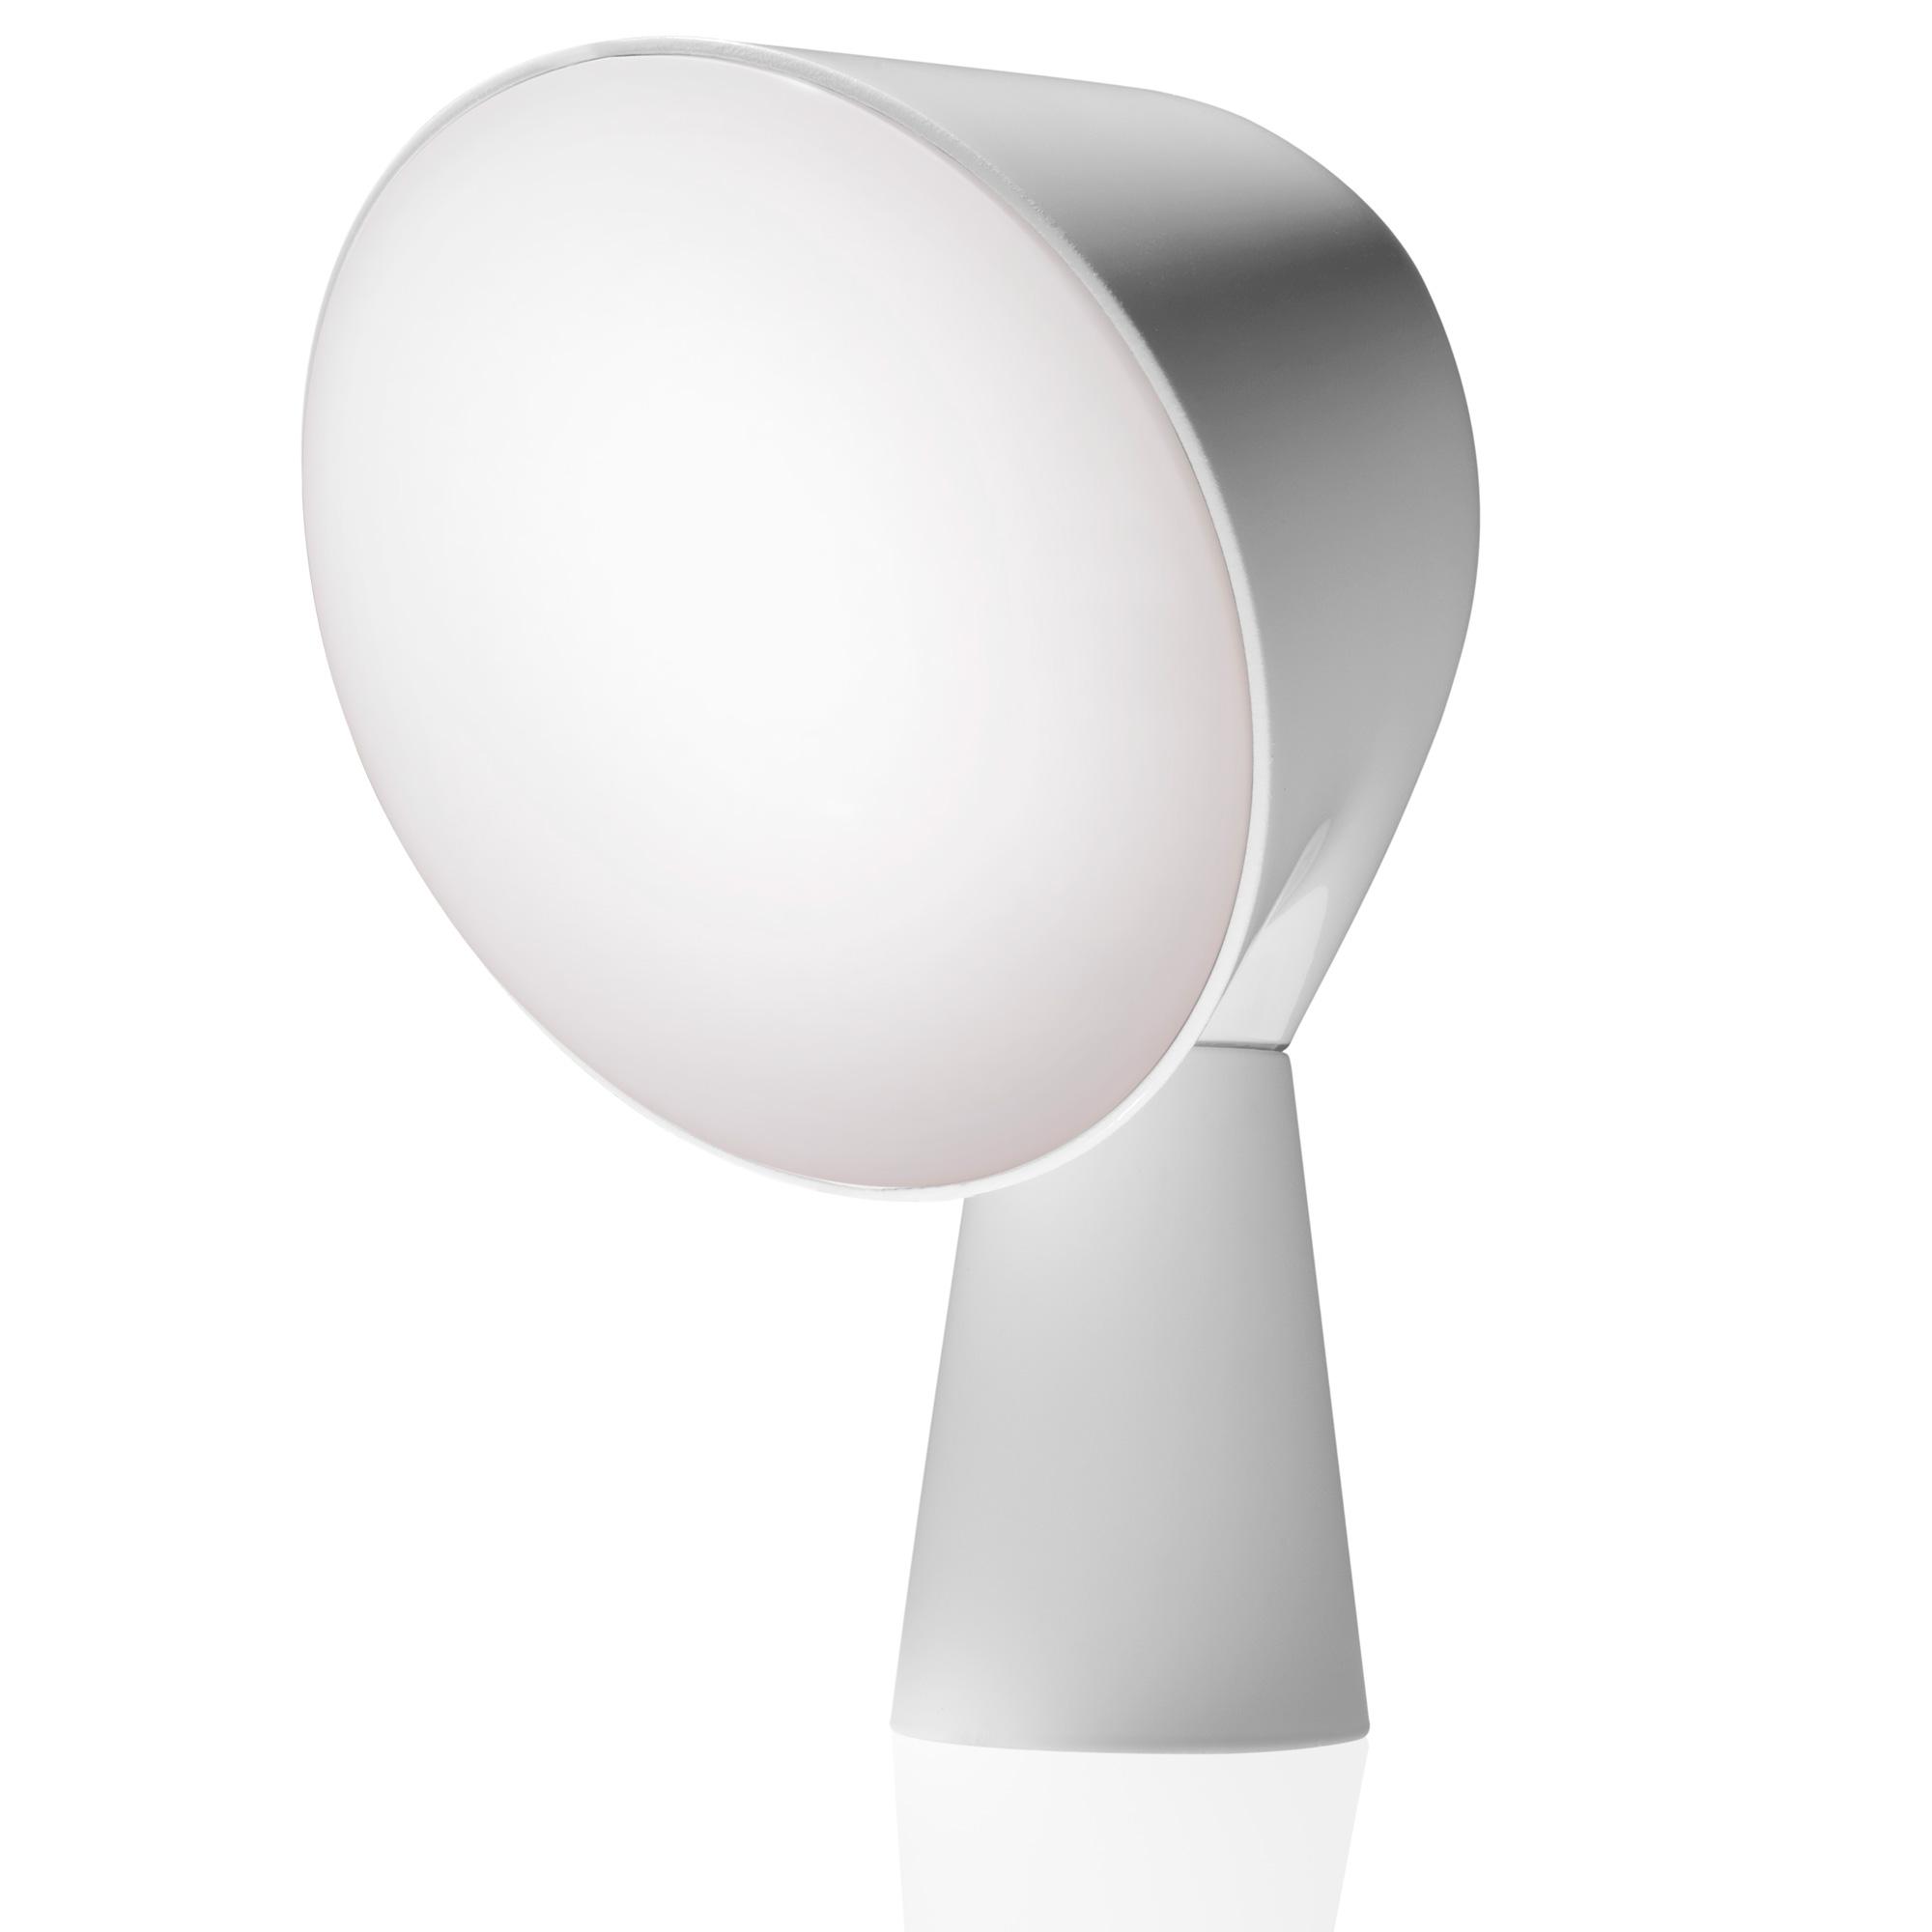 Binic table lamp by foscarini 200001 10 u - Lamp binic ...